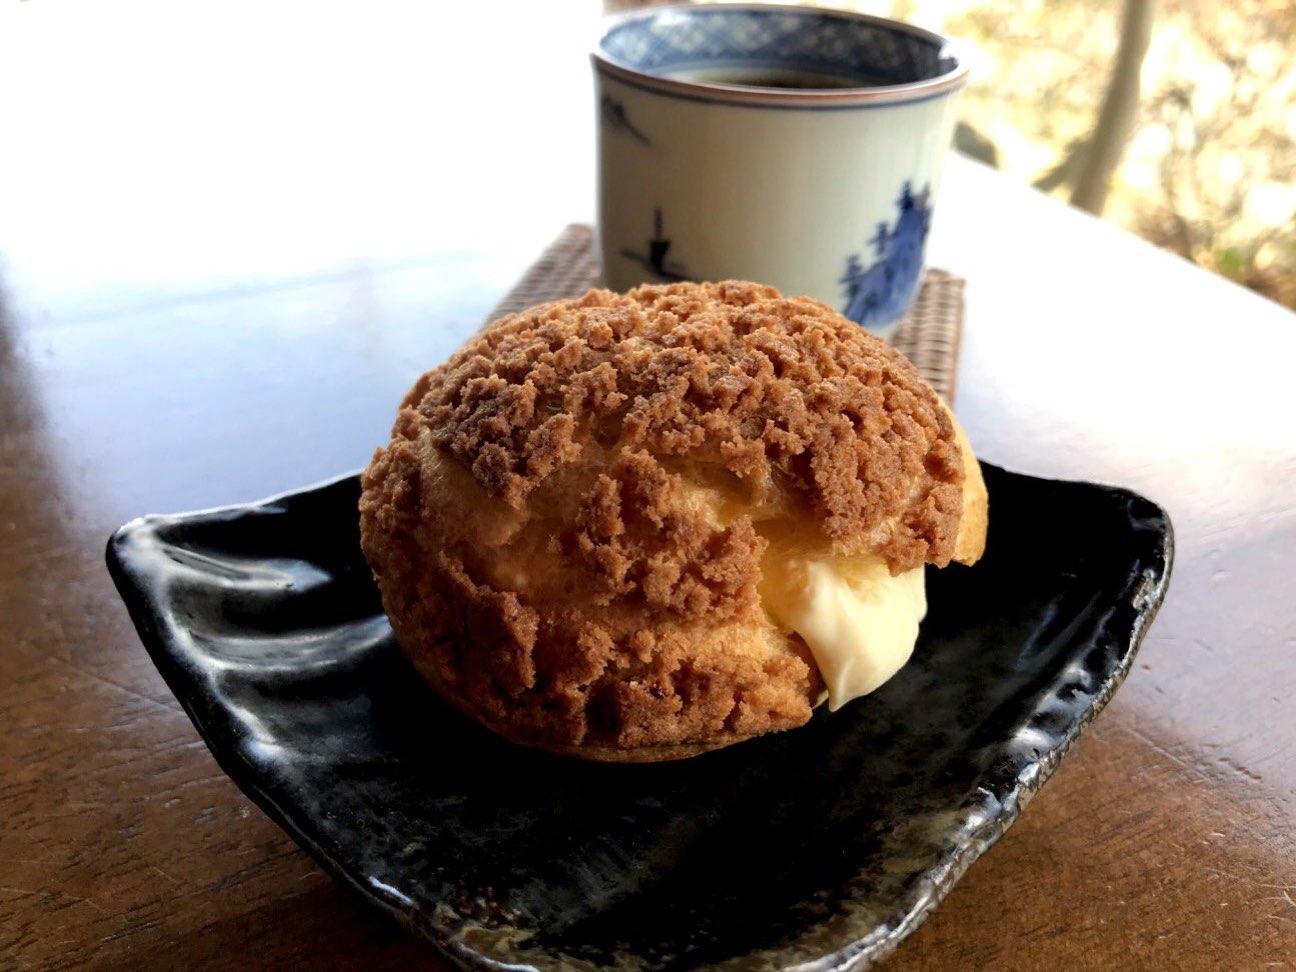 【とうふ工房きむら】熊本の豆腐店!おからシュー・豆乳ソフトクリームがウマい!